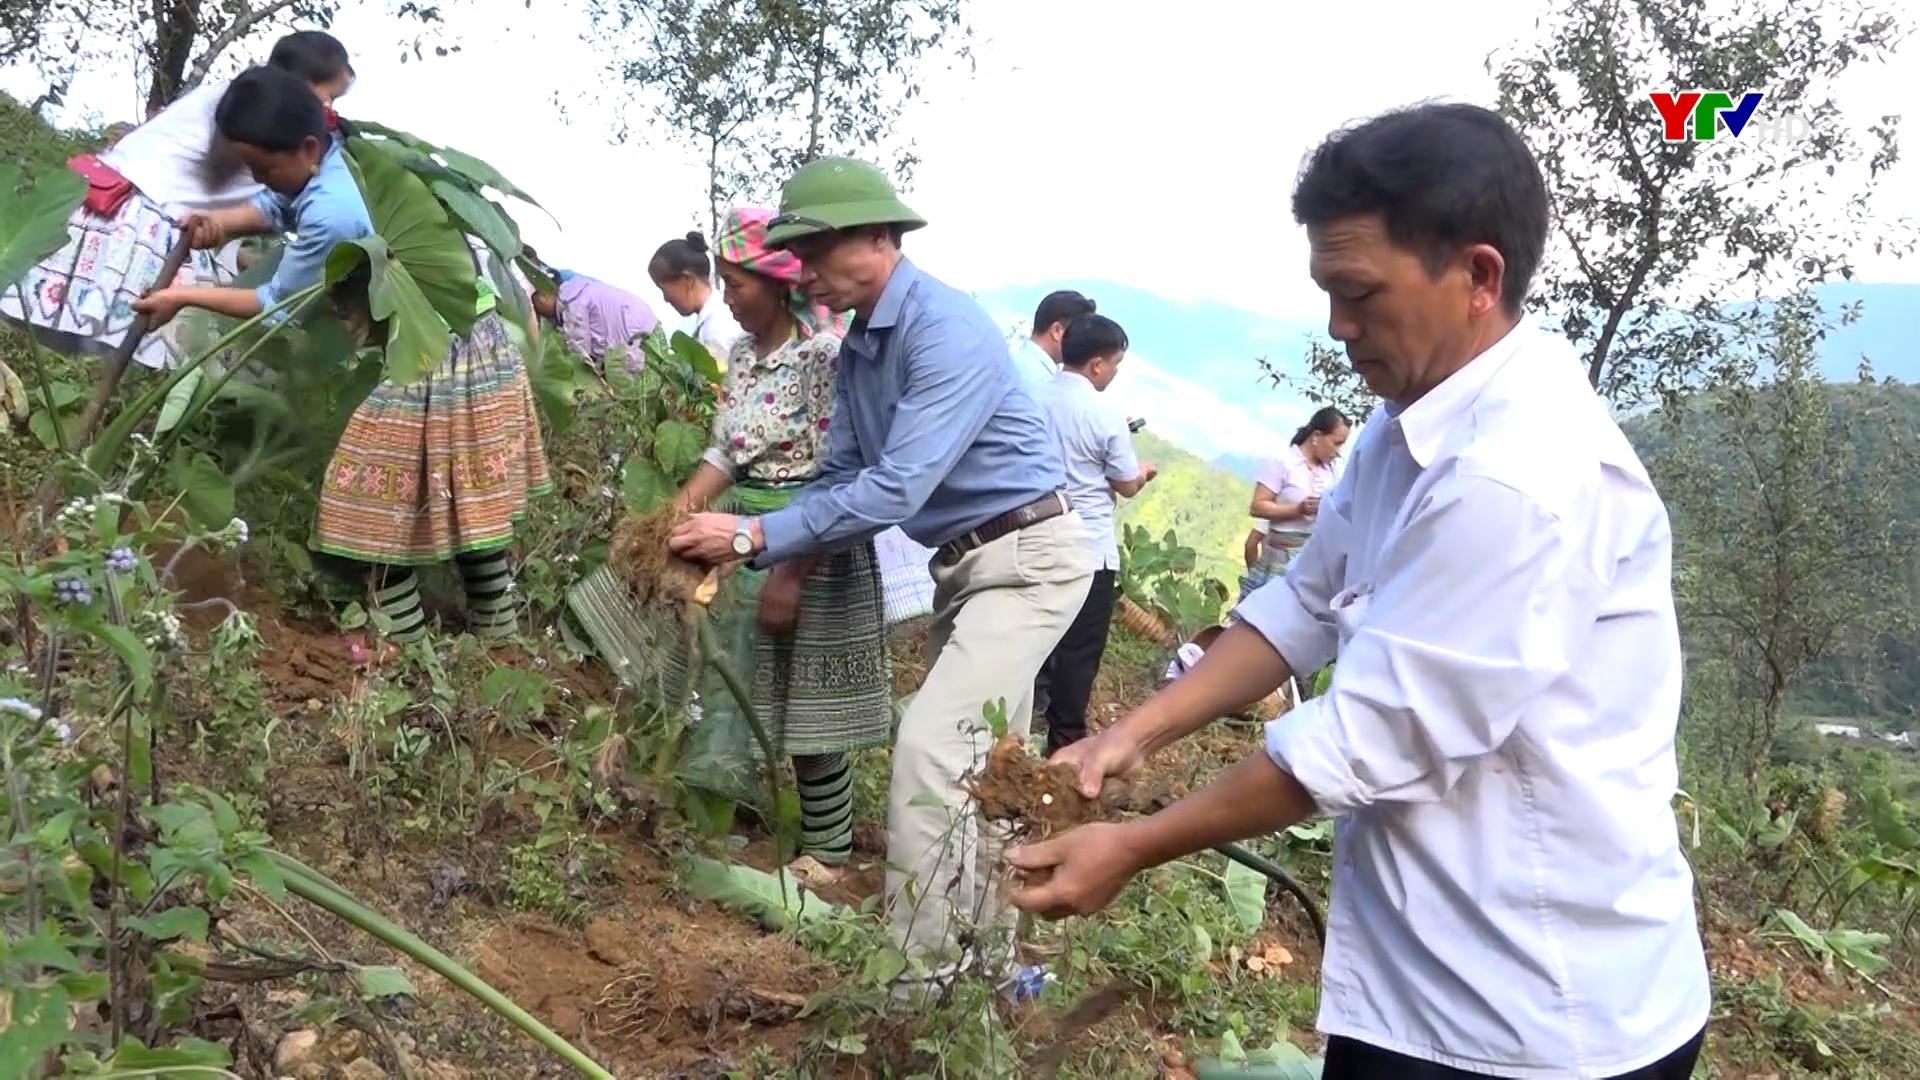 Sản lượng khoai sọ nương của huyện Trạm Tấu đạt gần 3.000 tấn.